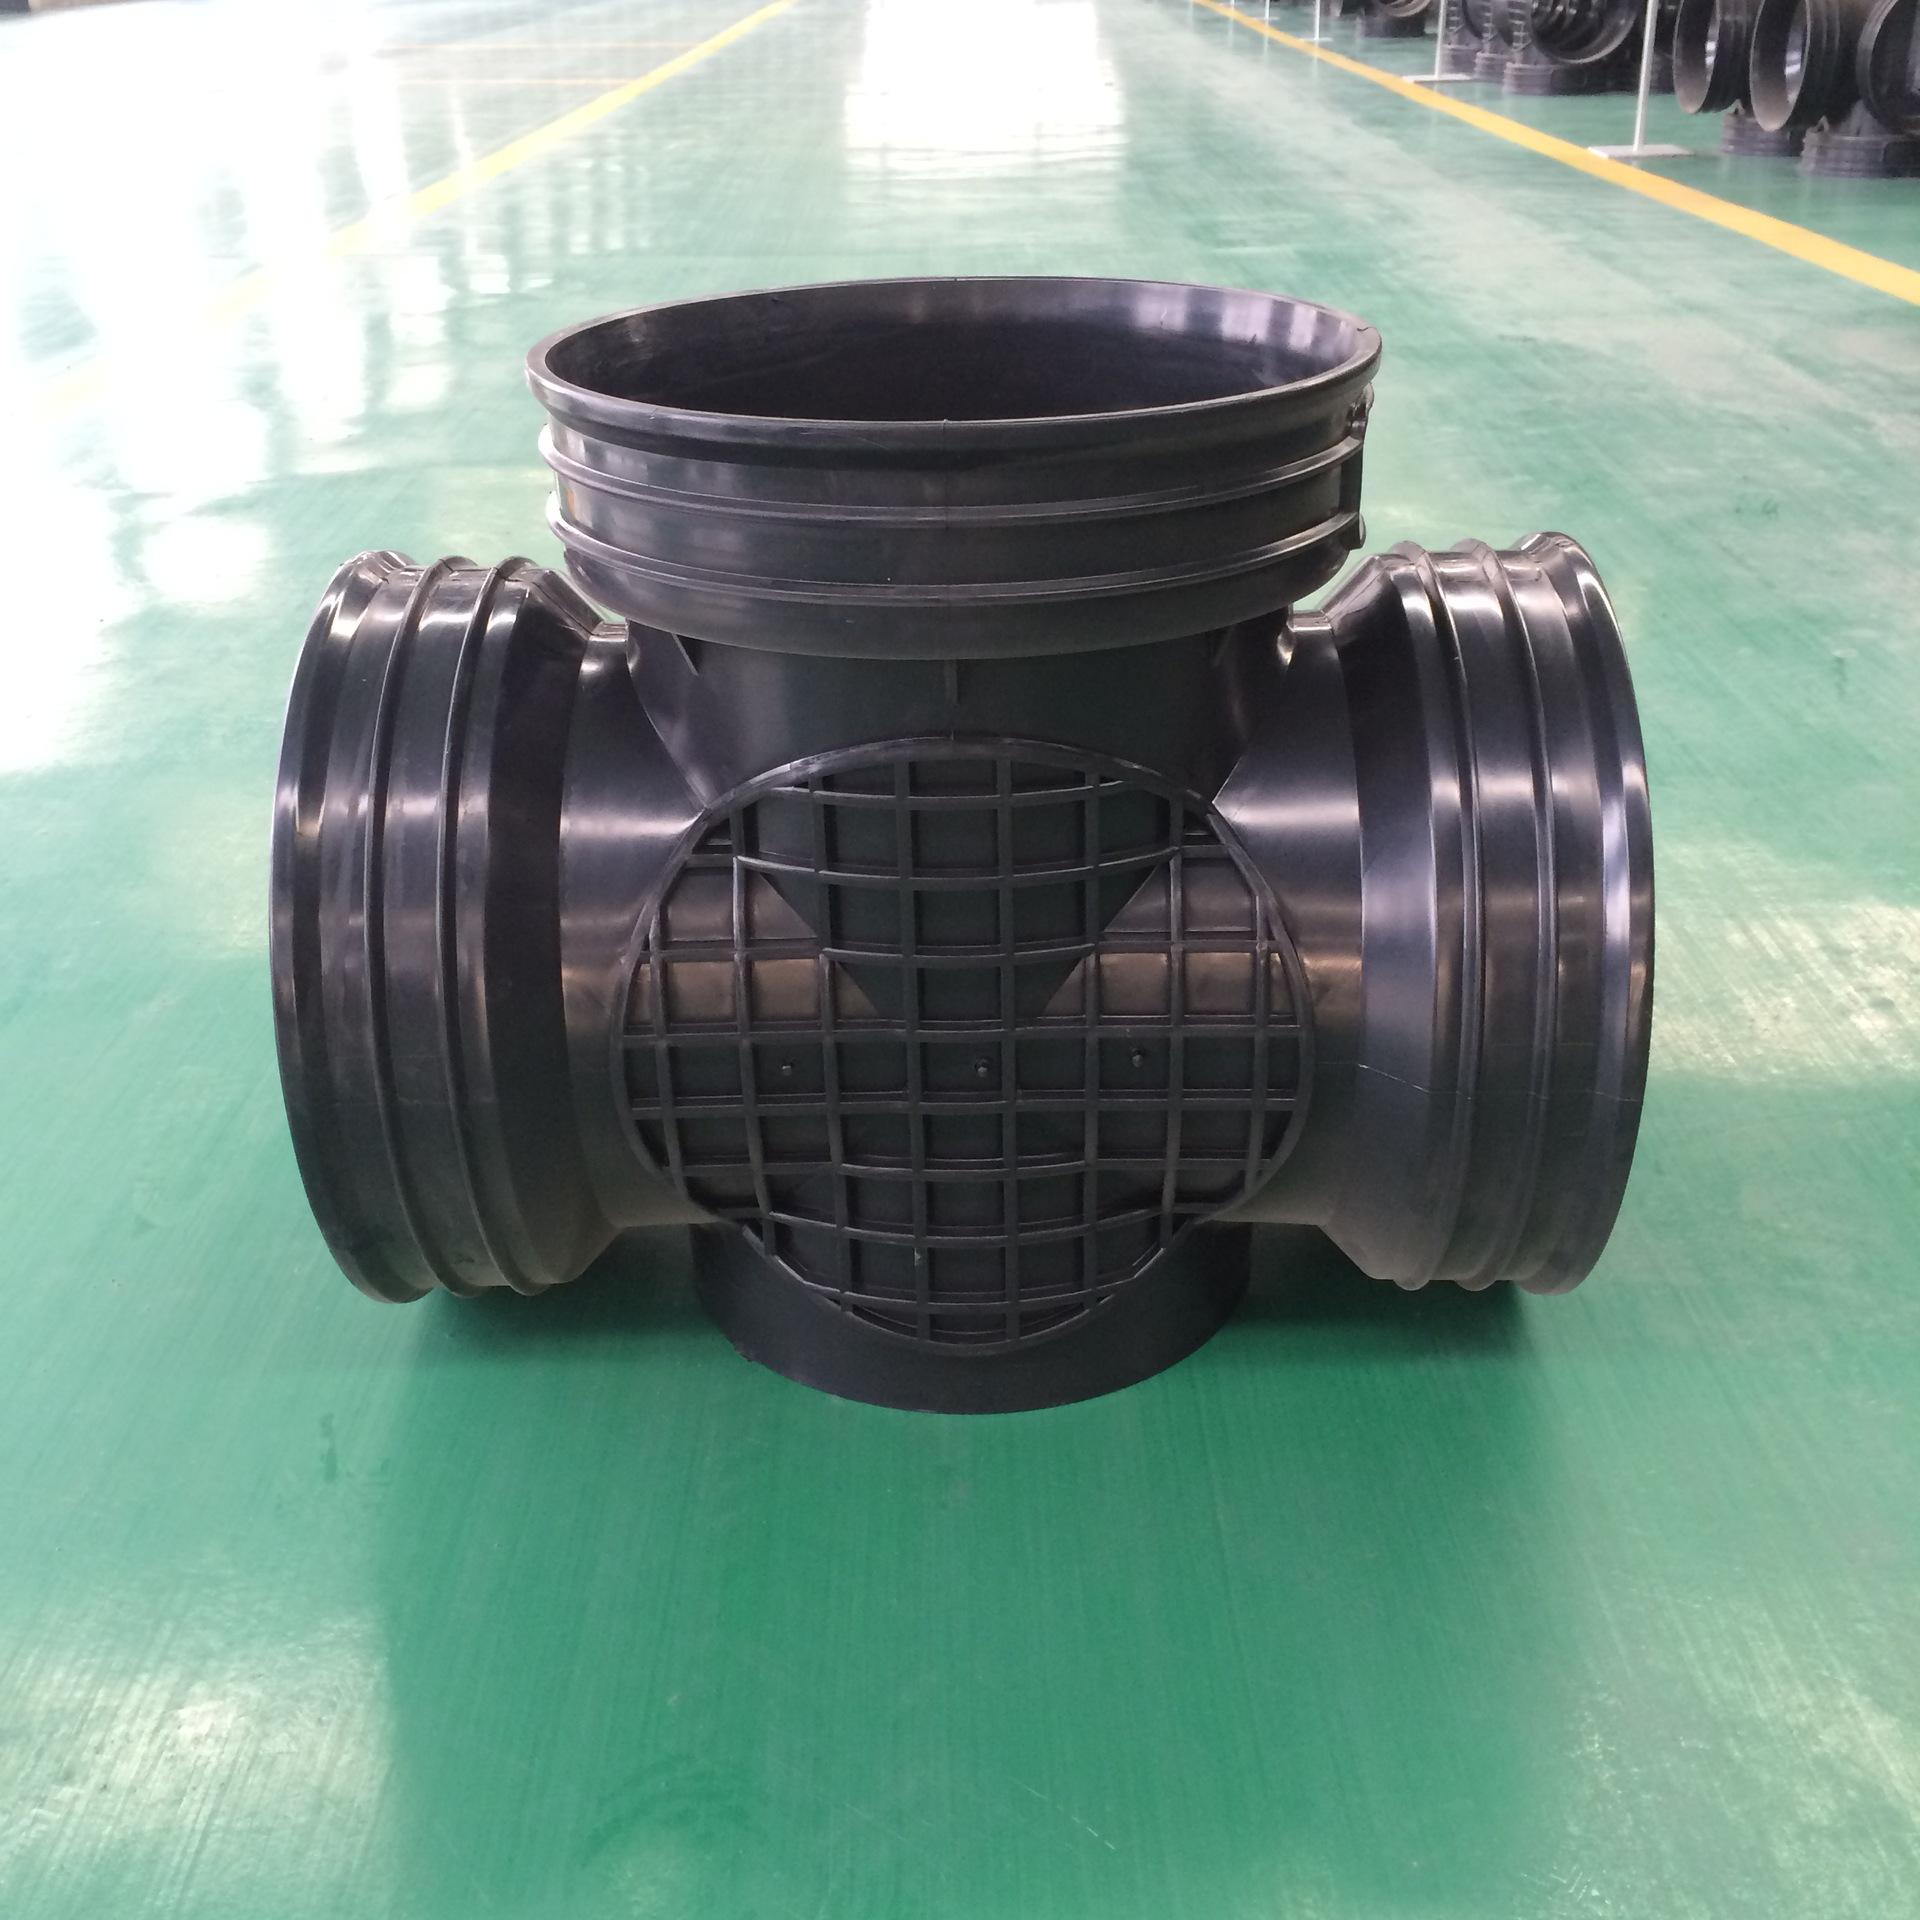 450*300流槽直通井 塑料检查井 华北大型生产厂家 售后服务有保证示例图4